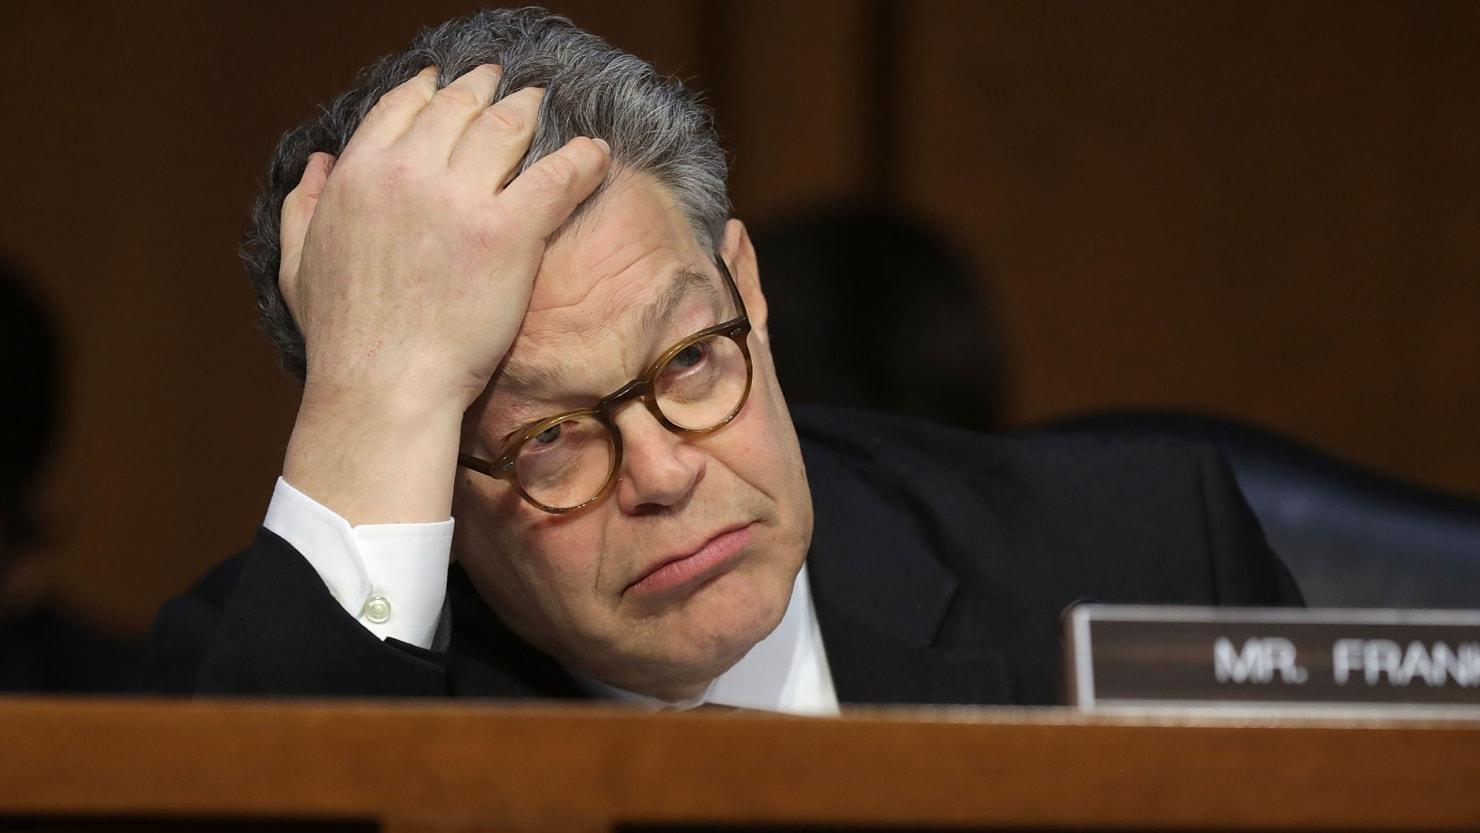 Senator Al Franken (D-MN)